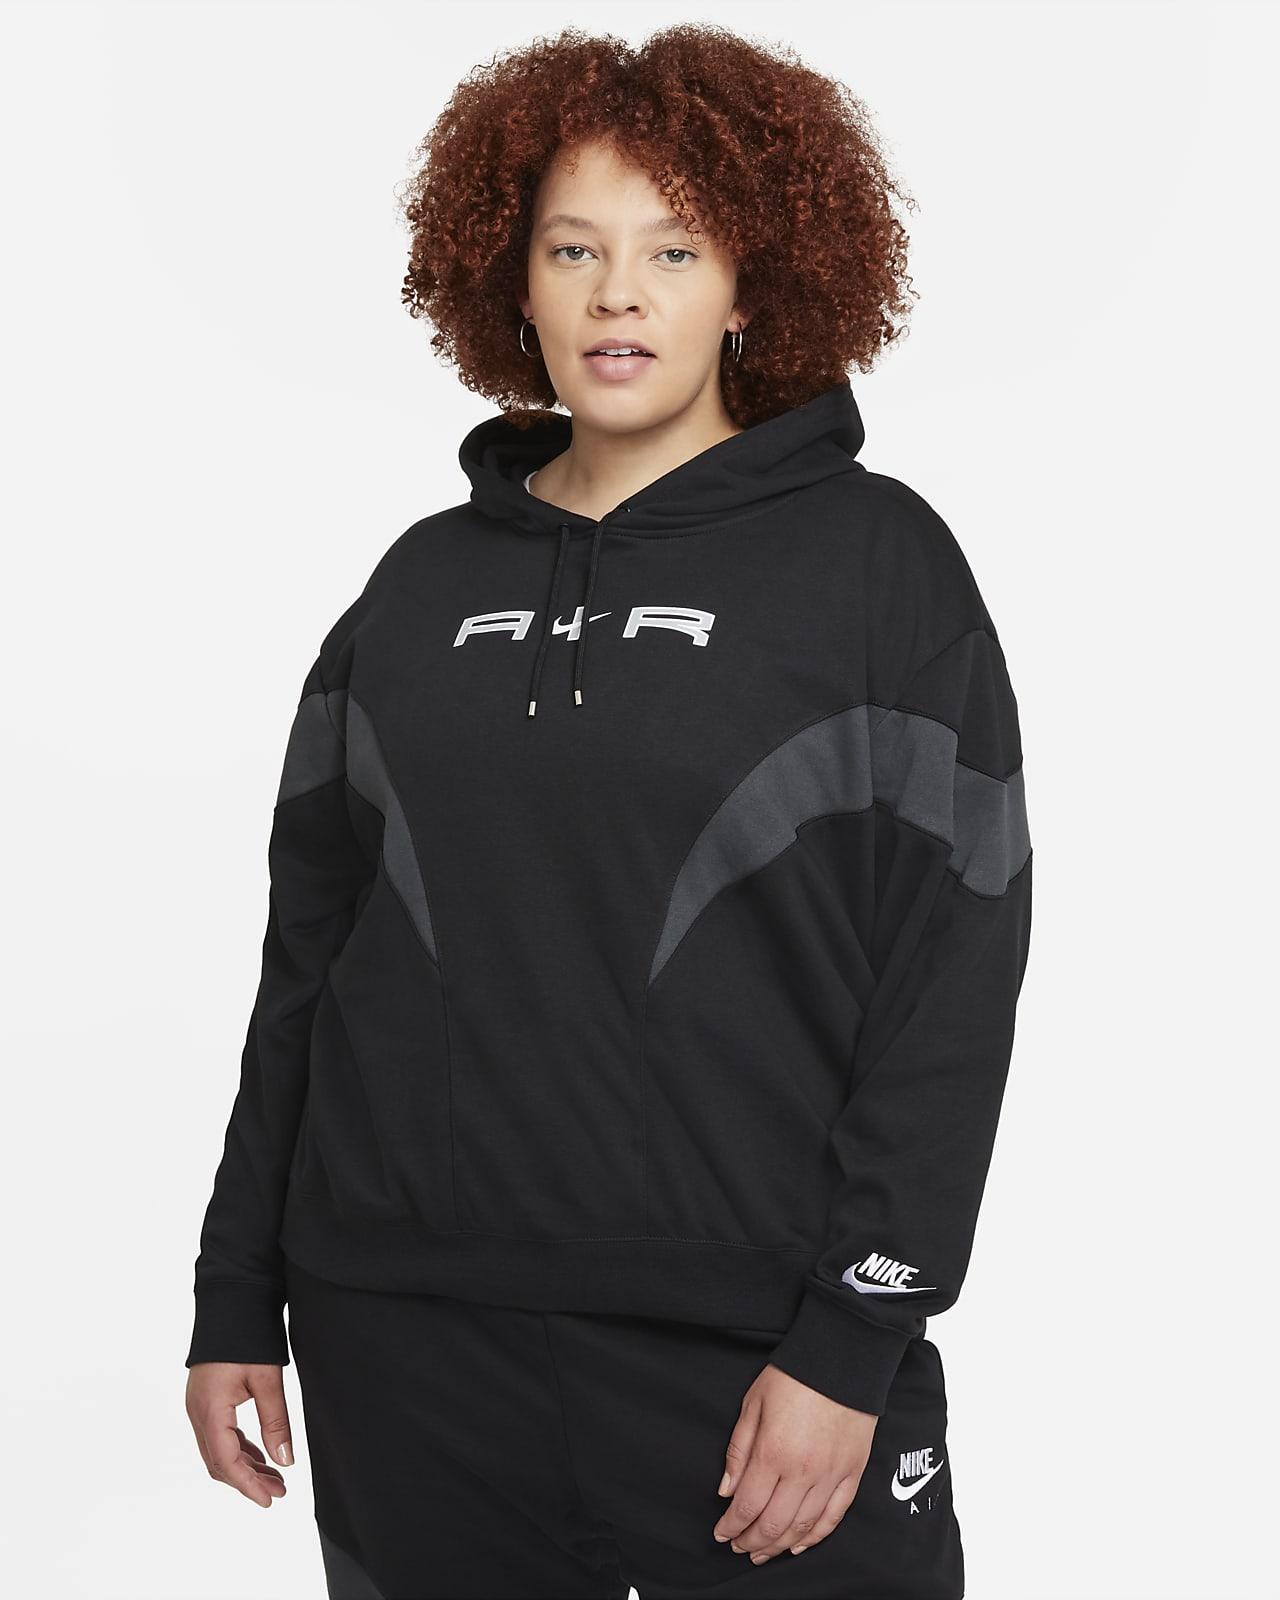 Sudadera con gorro para mujer Nike Air (talla grande)